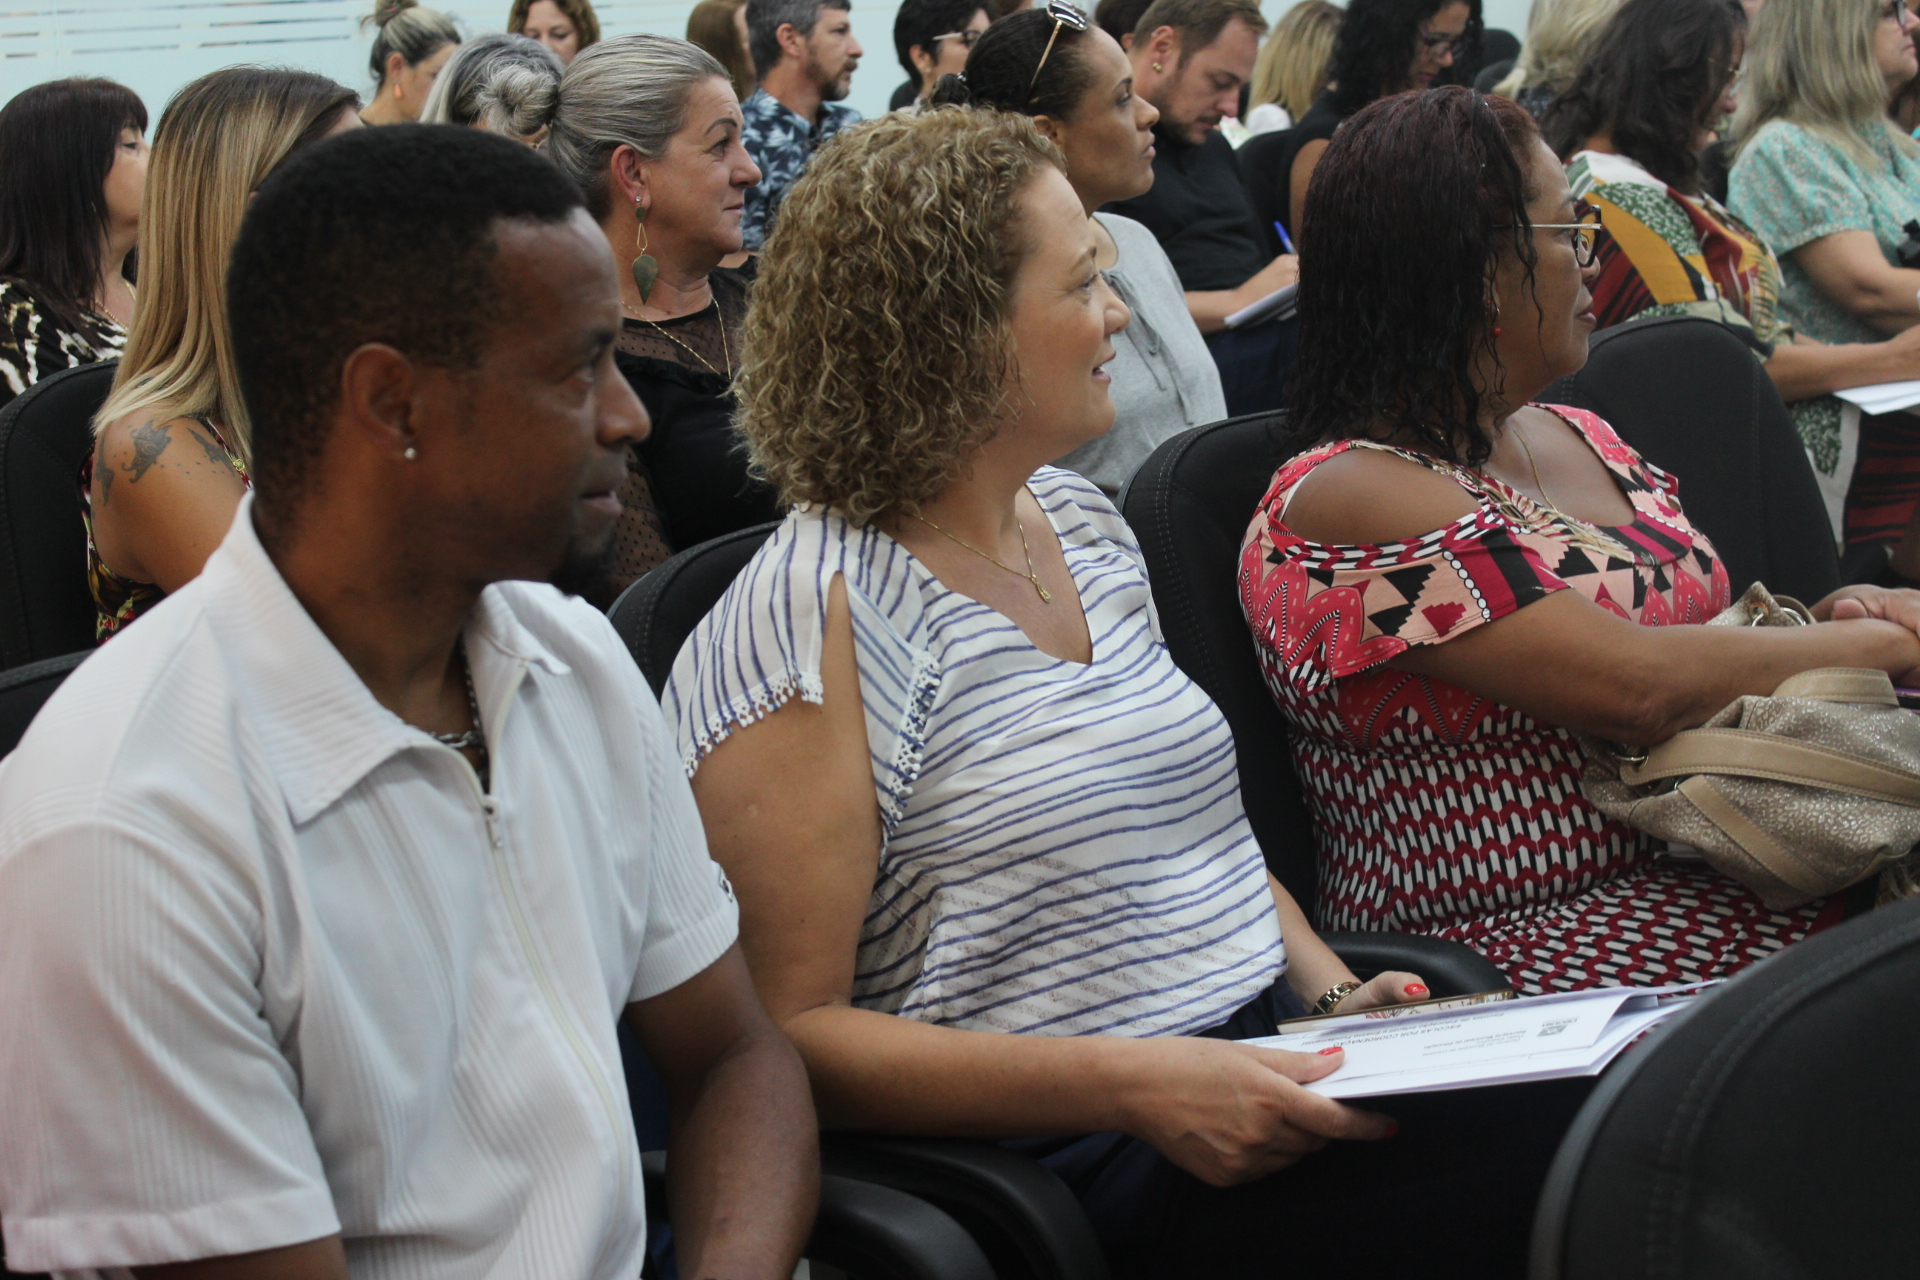 Sesi/Senai oferta bolsas de estudos para alunos da rede municipal de Criciúma